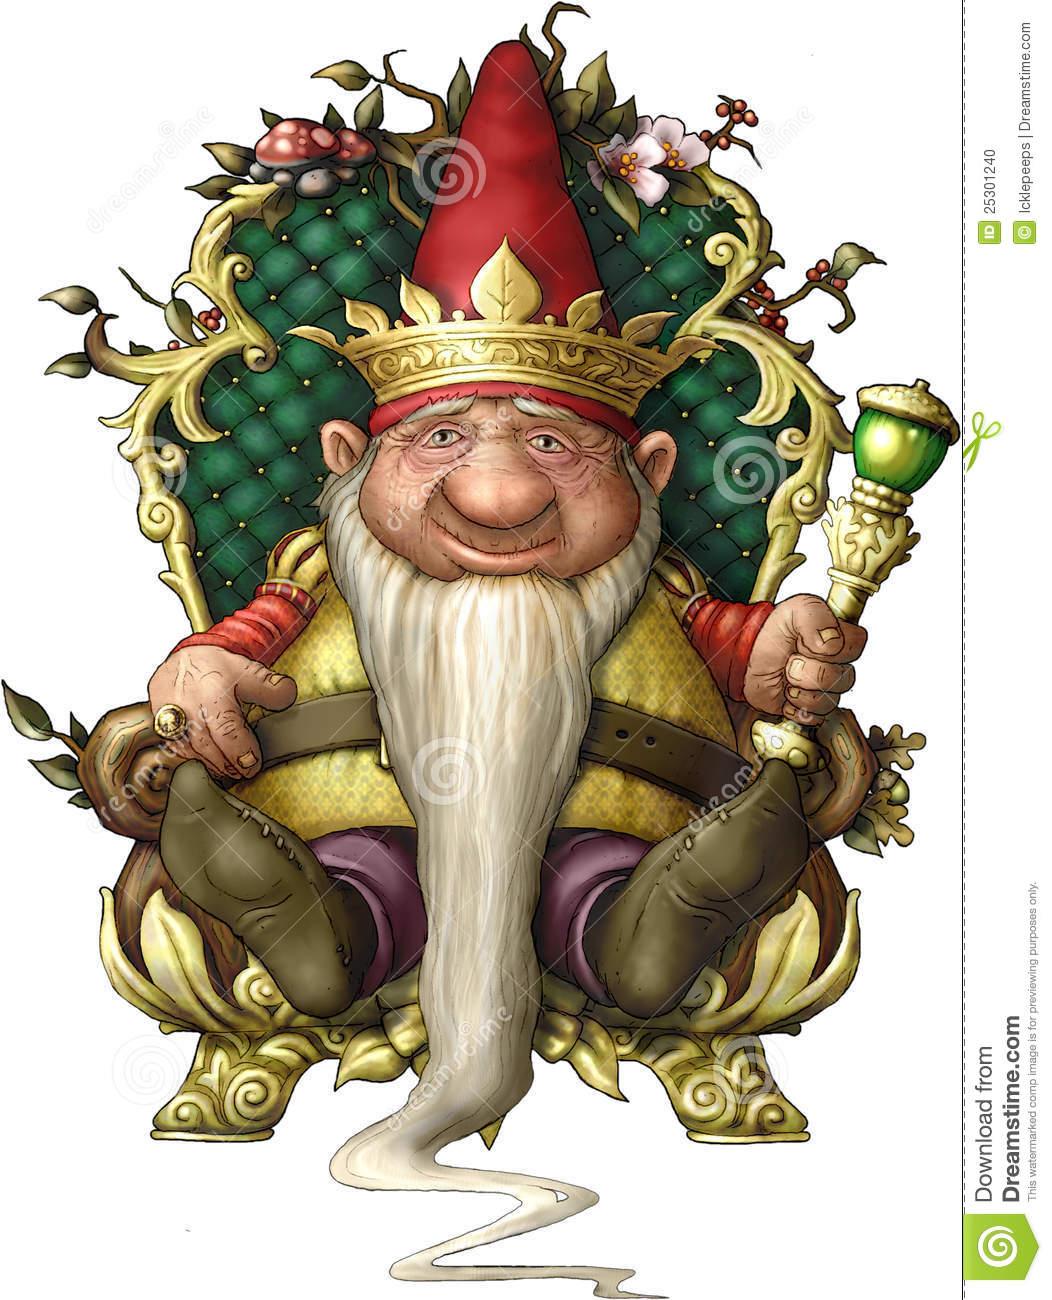 Gnome clipart vintage Gnome Clipart cliparts Gnome King